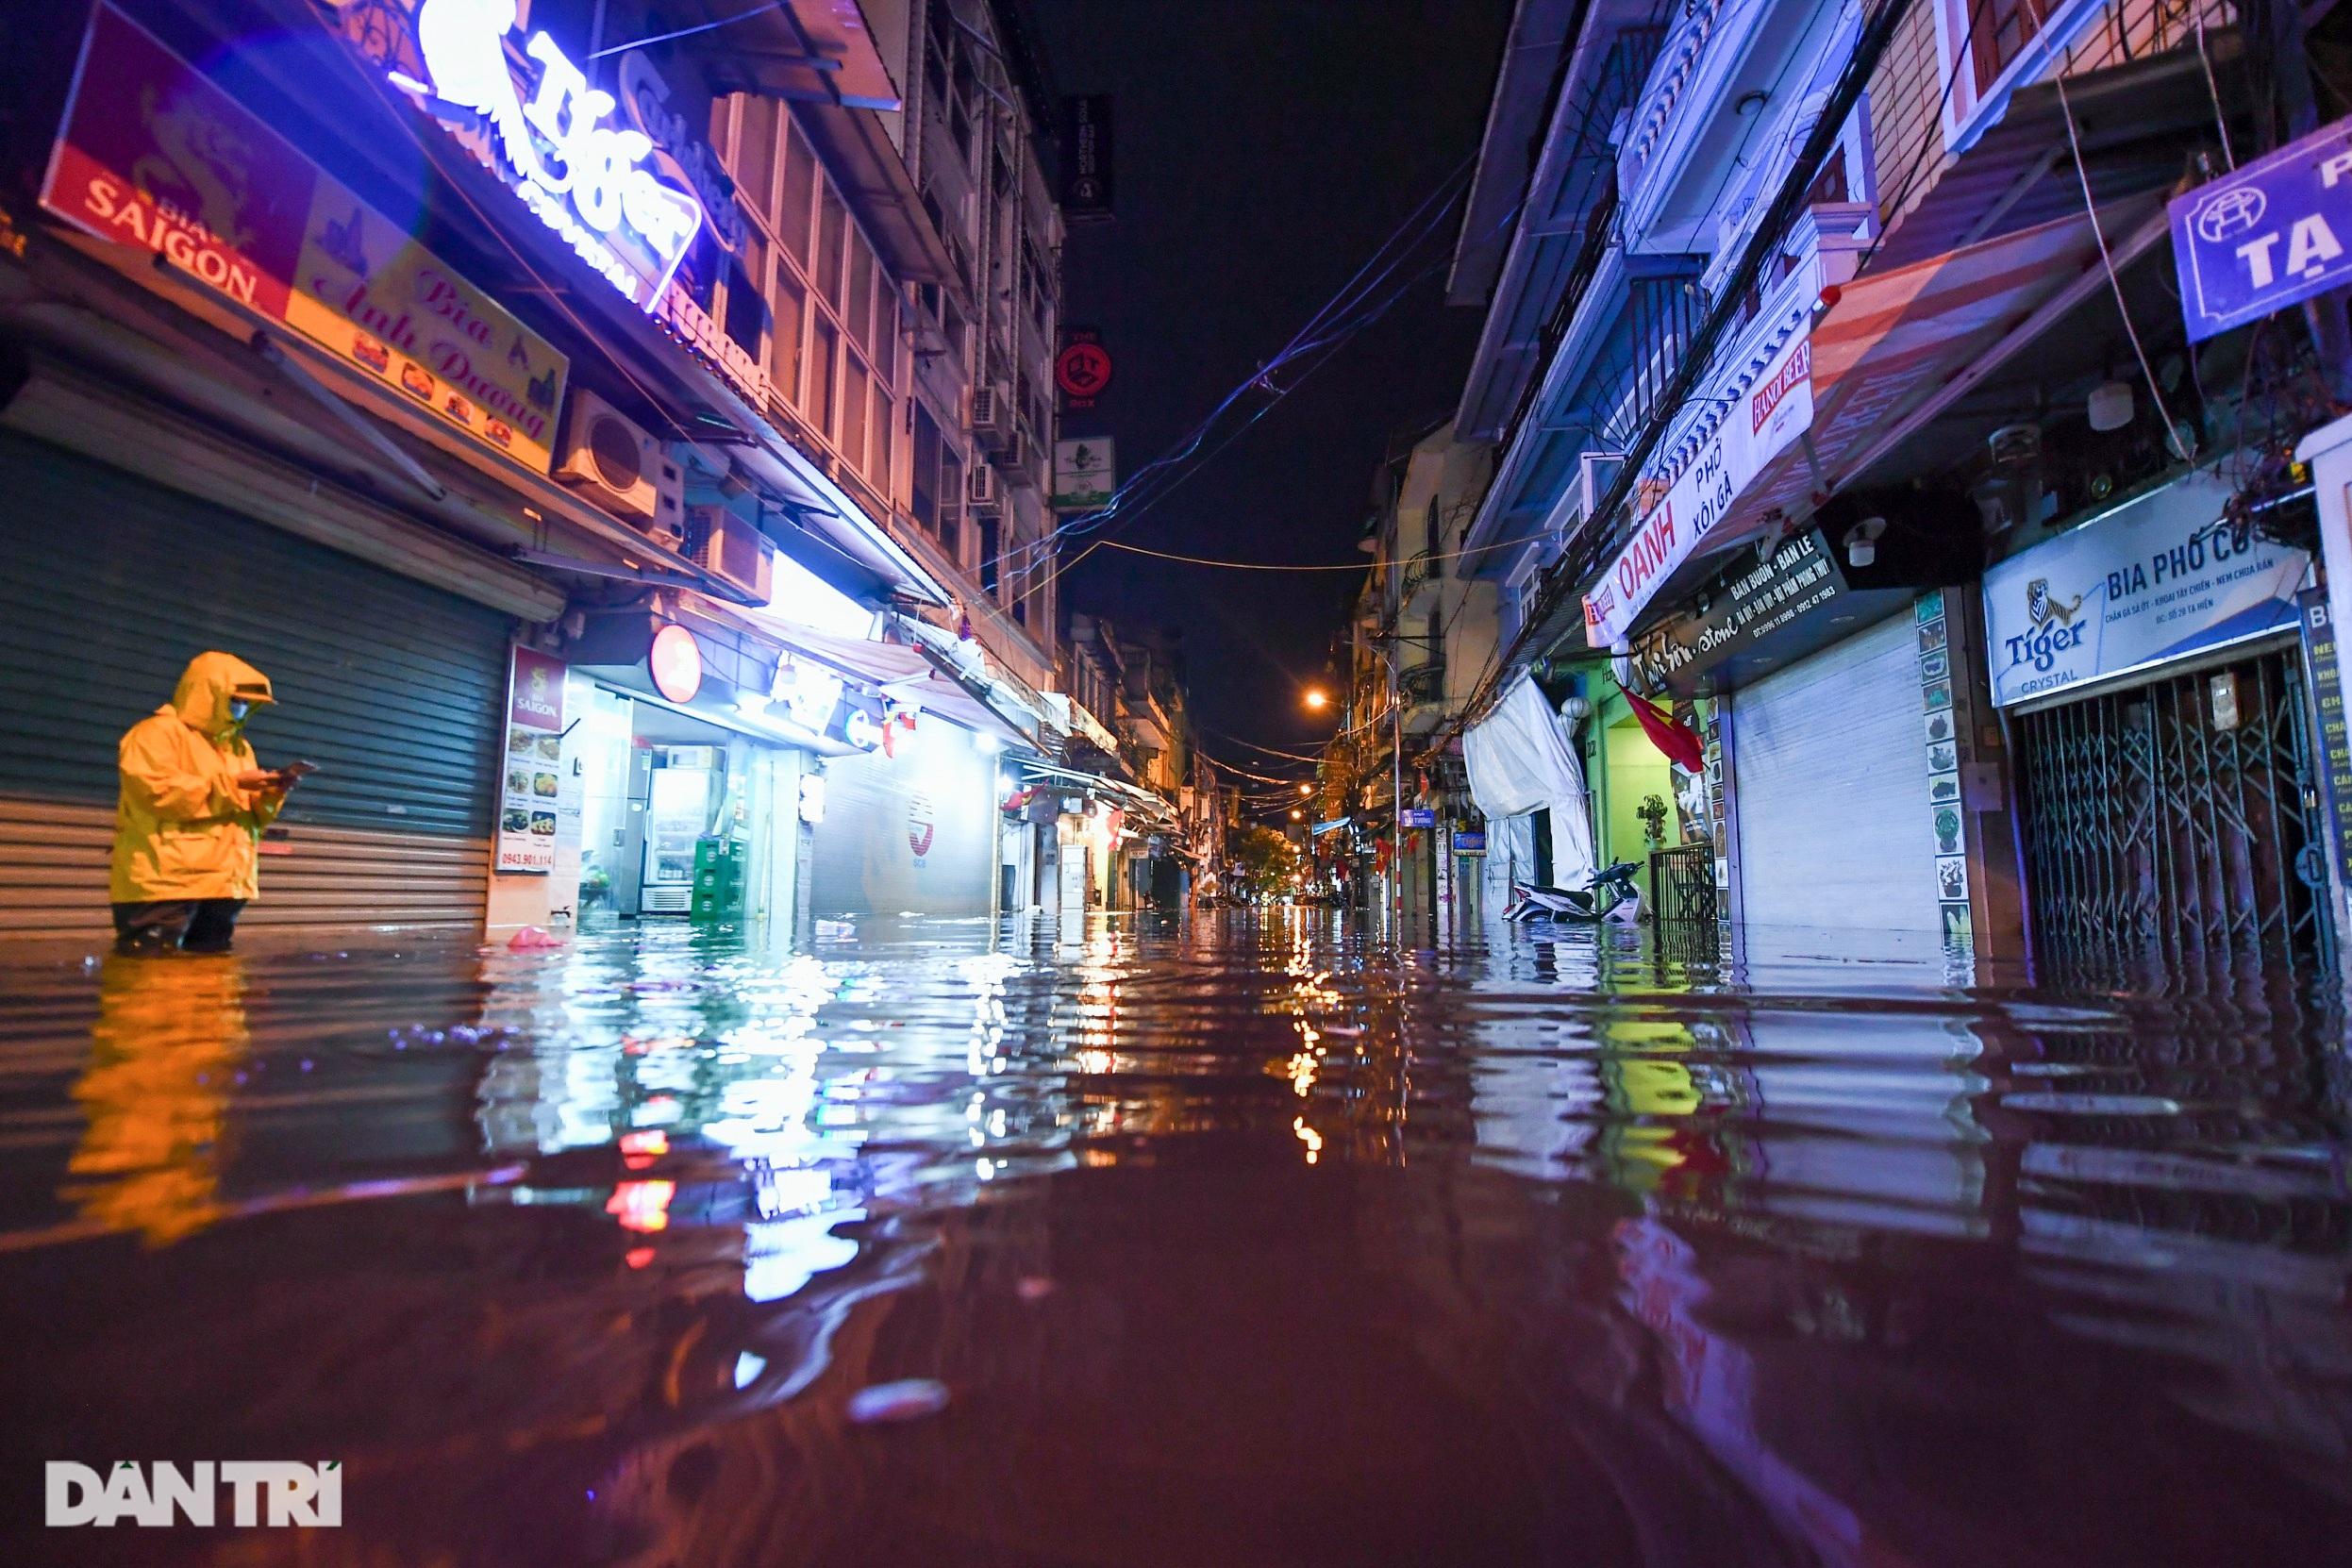 Hà Nội ngập sâu trong nước sau cơn mưa ngắn chưa đầy 1 tiếng đồng hồ - 10